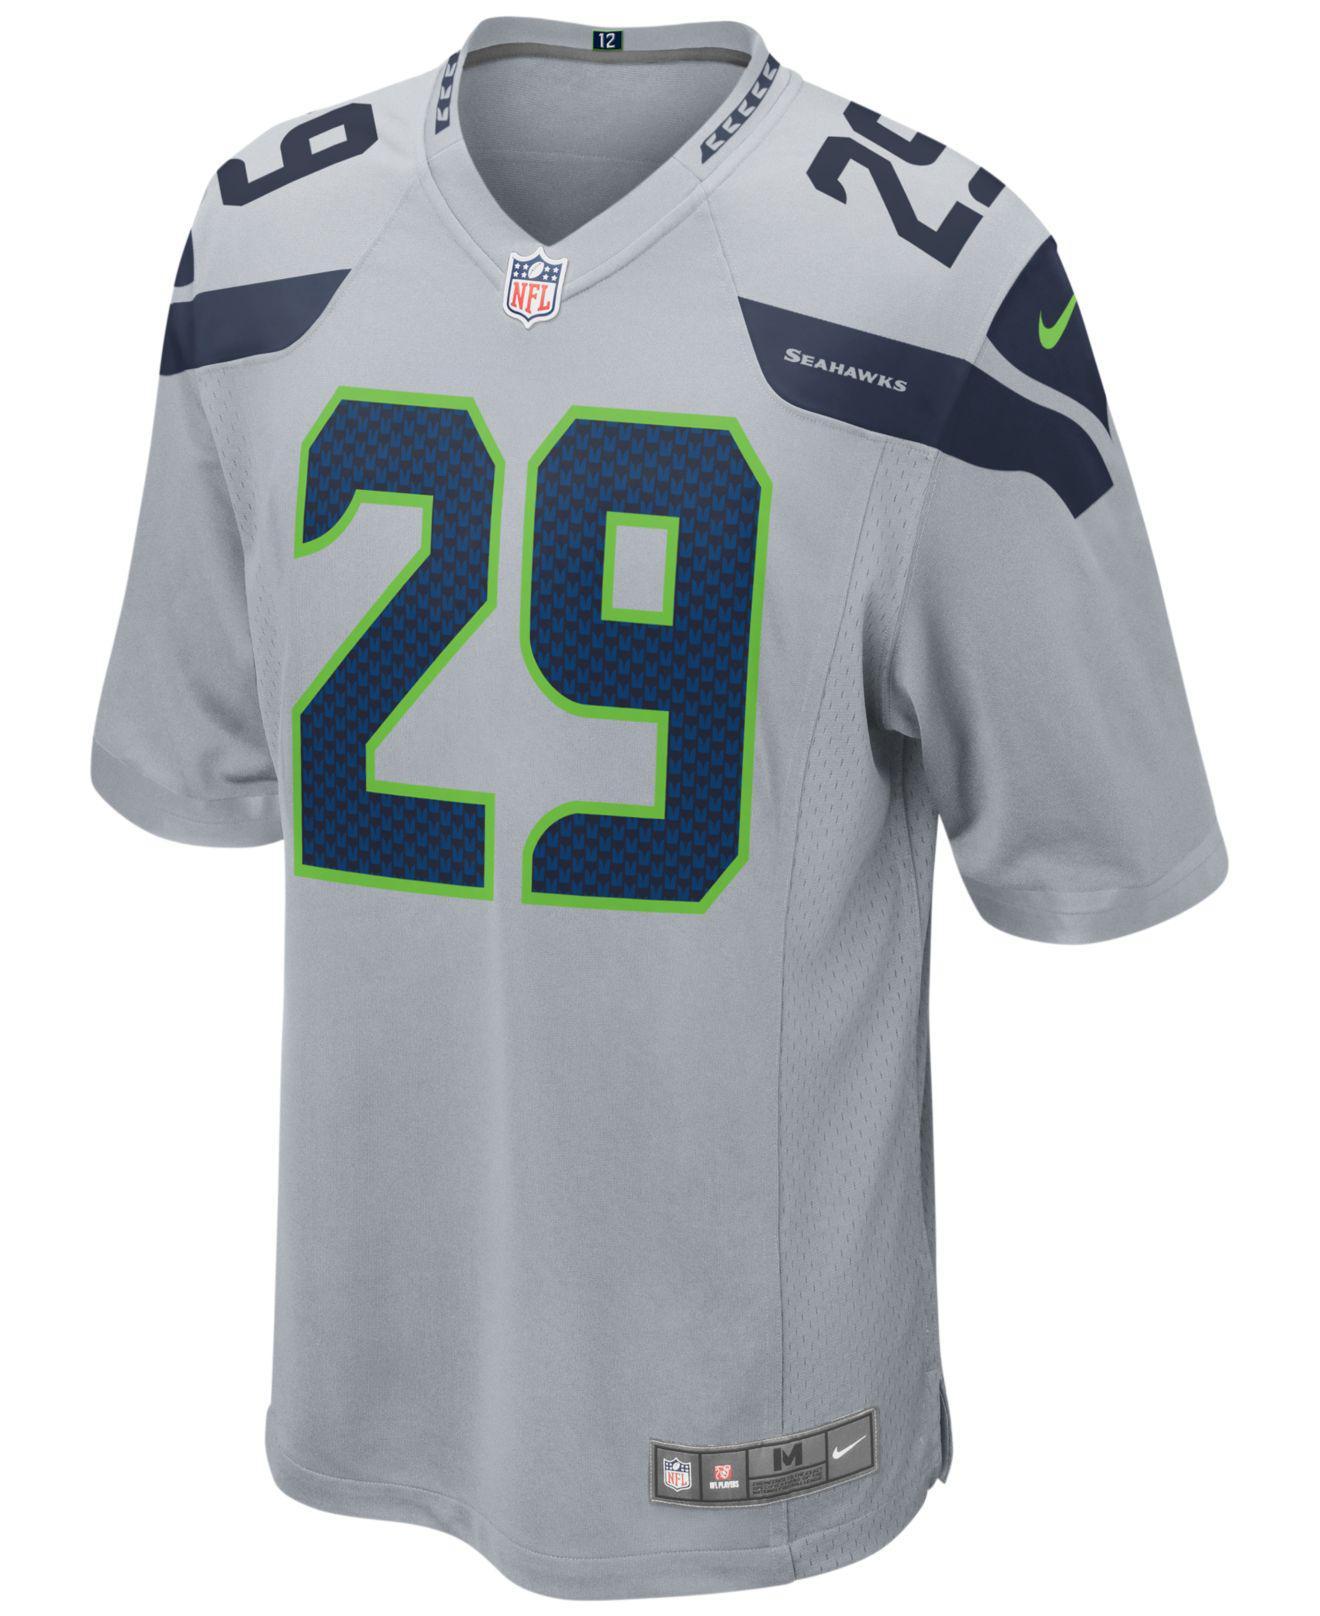 Lyst - Nike Men s Earl Thomas Seattle Seahawks Game Jersey in Green for Men 742f597cf